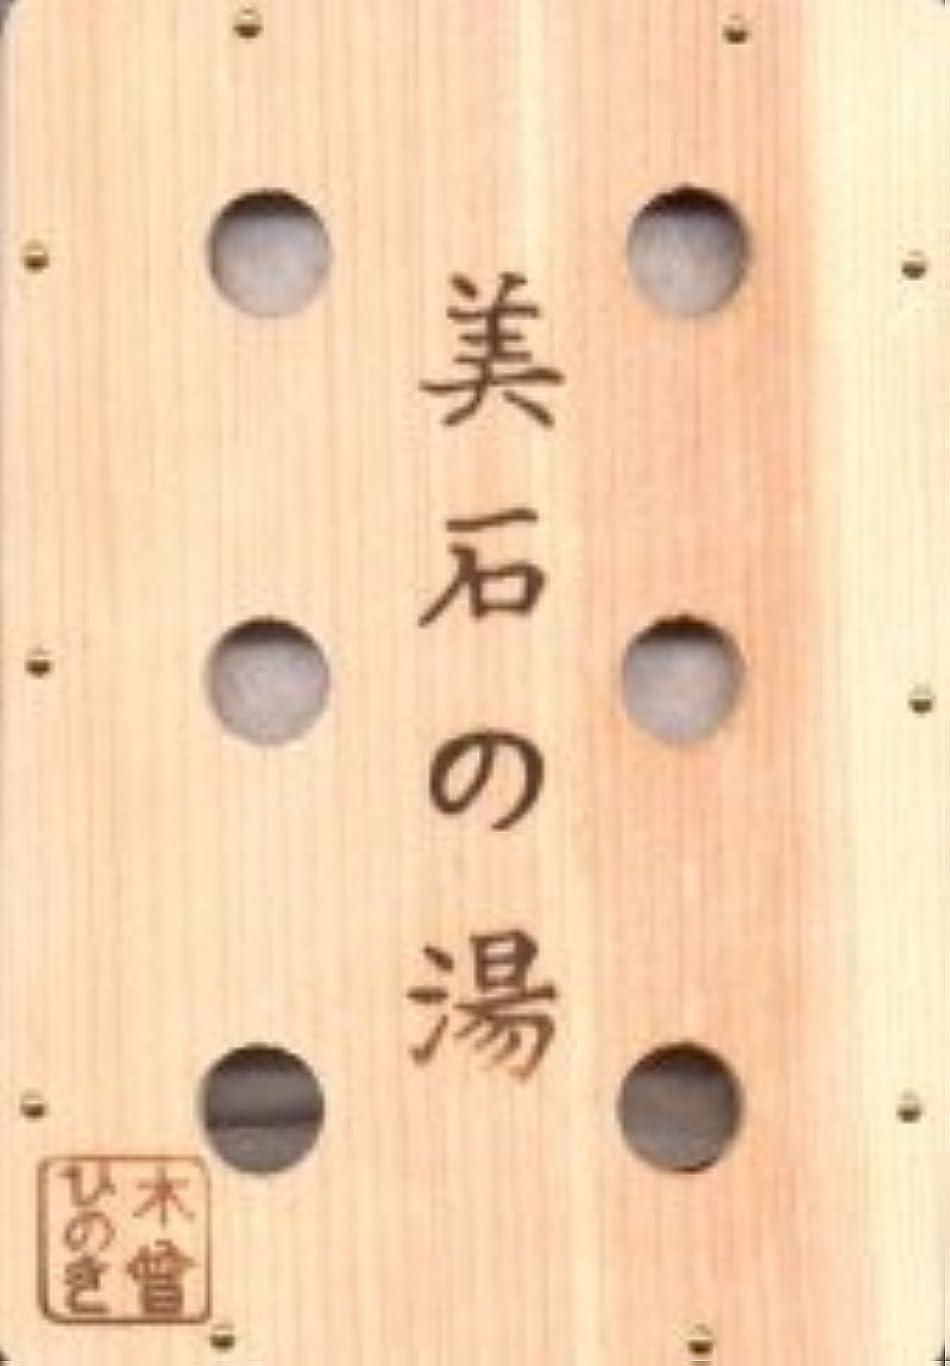 受信機許される返還北海道 二股温泉 湯の華鉱石使用 美石の湯